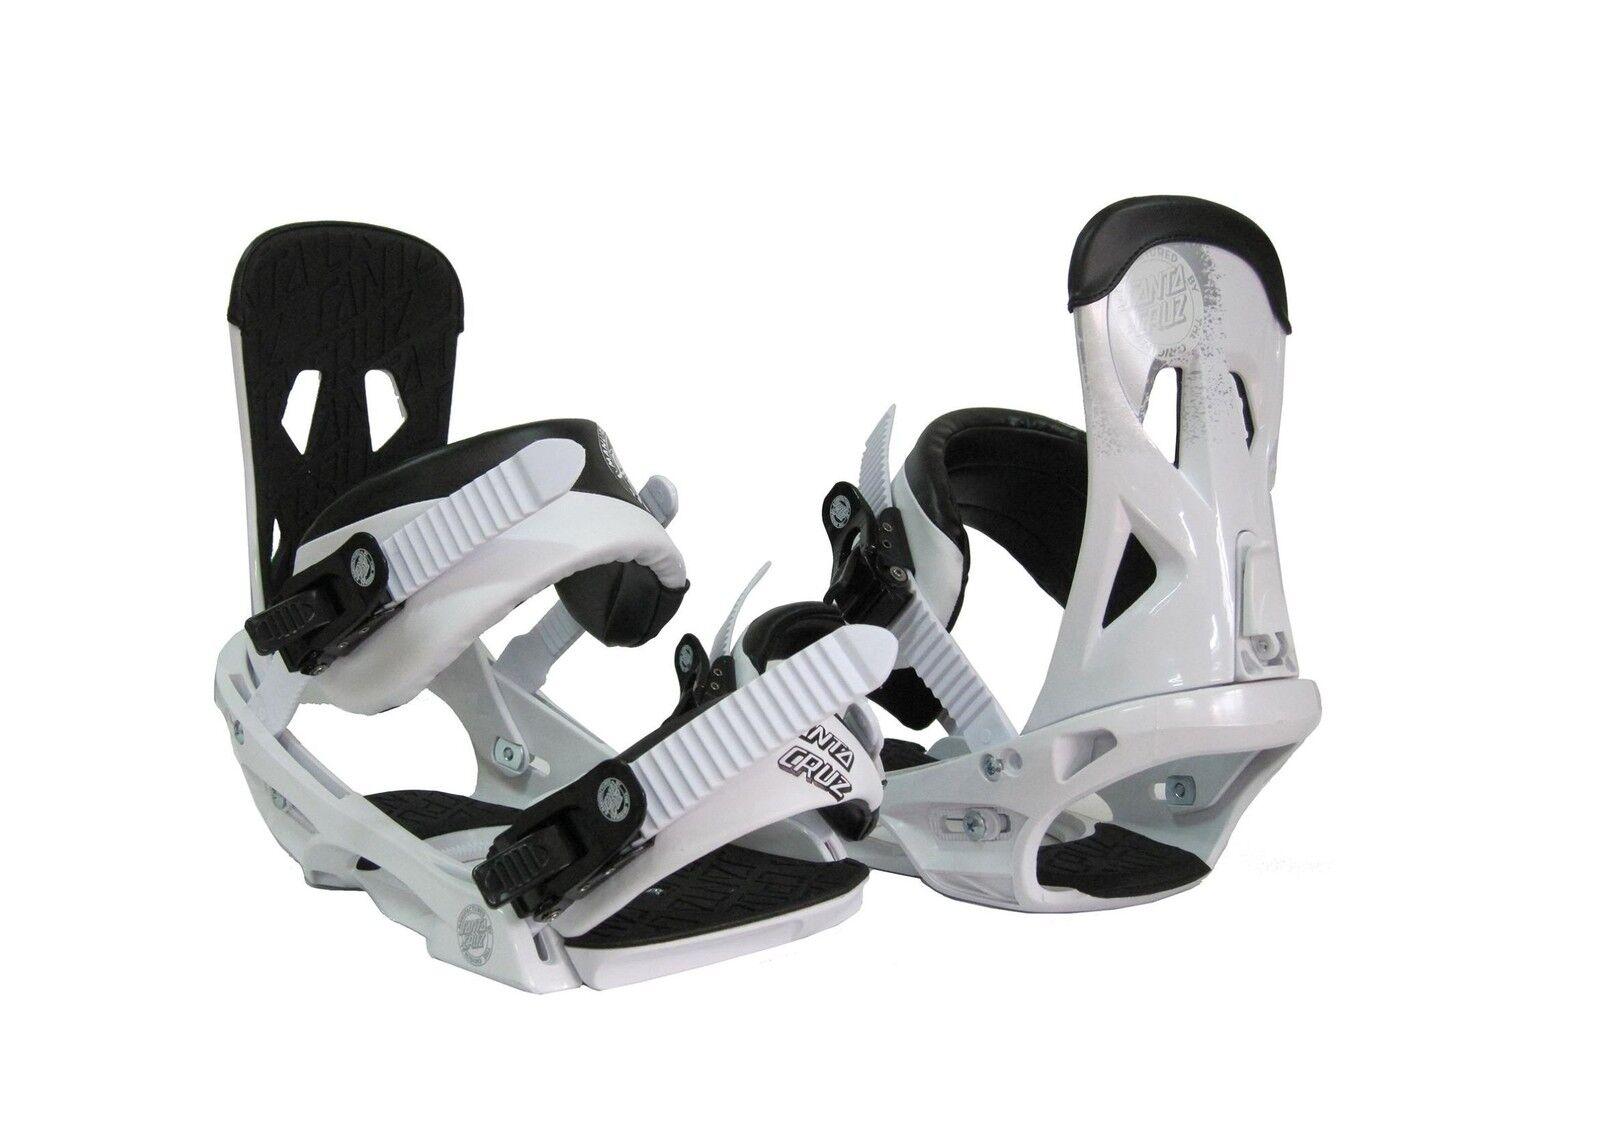 SANTA CRUZ Sigma EMY Snowboard Bindung Binding Größe  M L  189,-